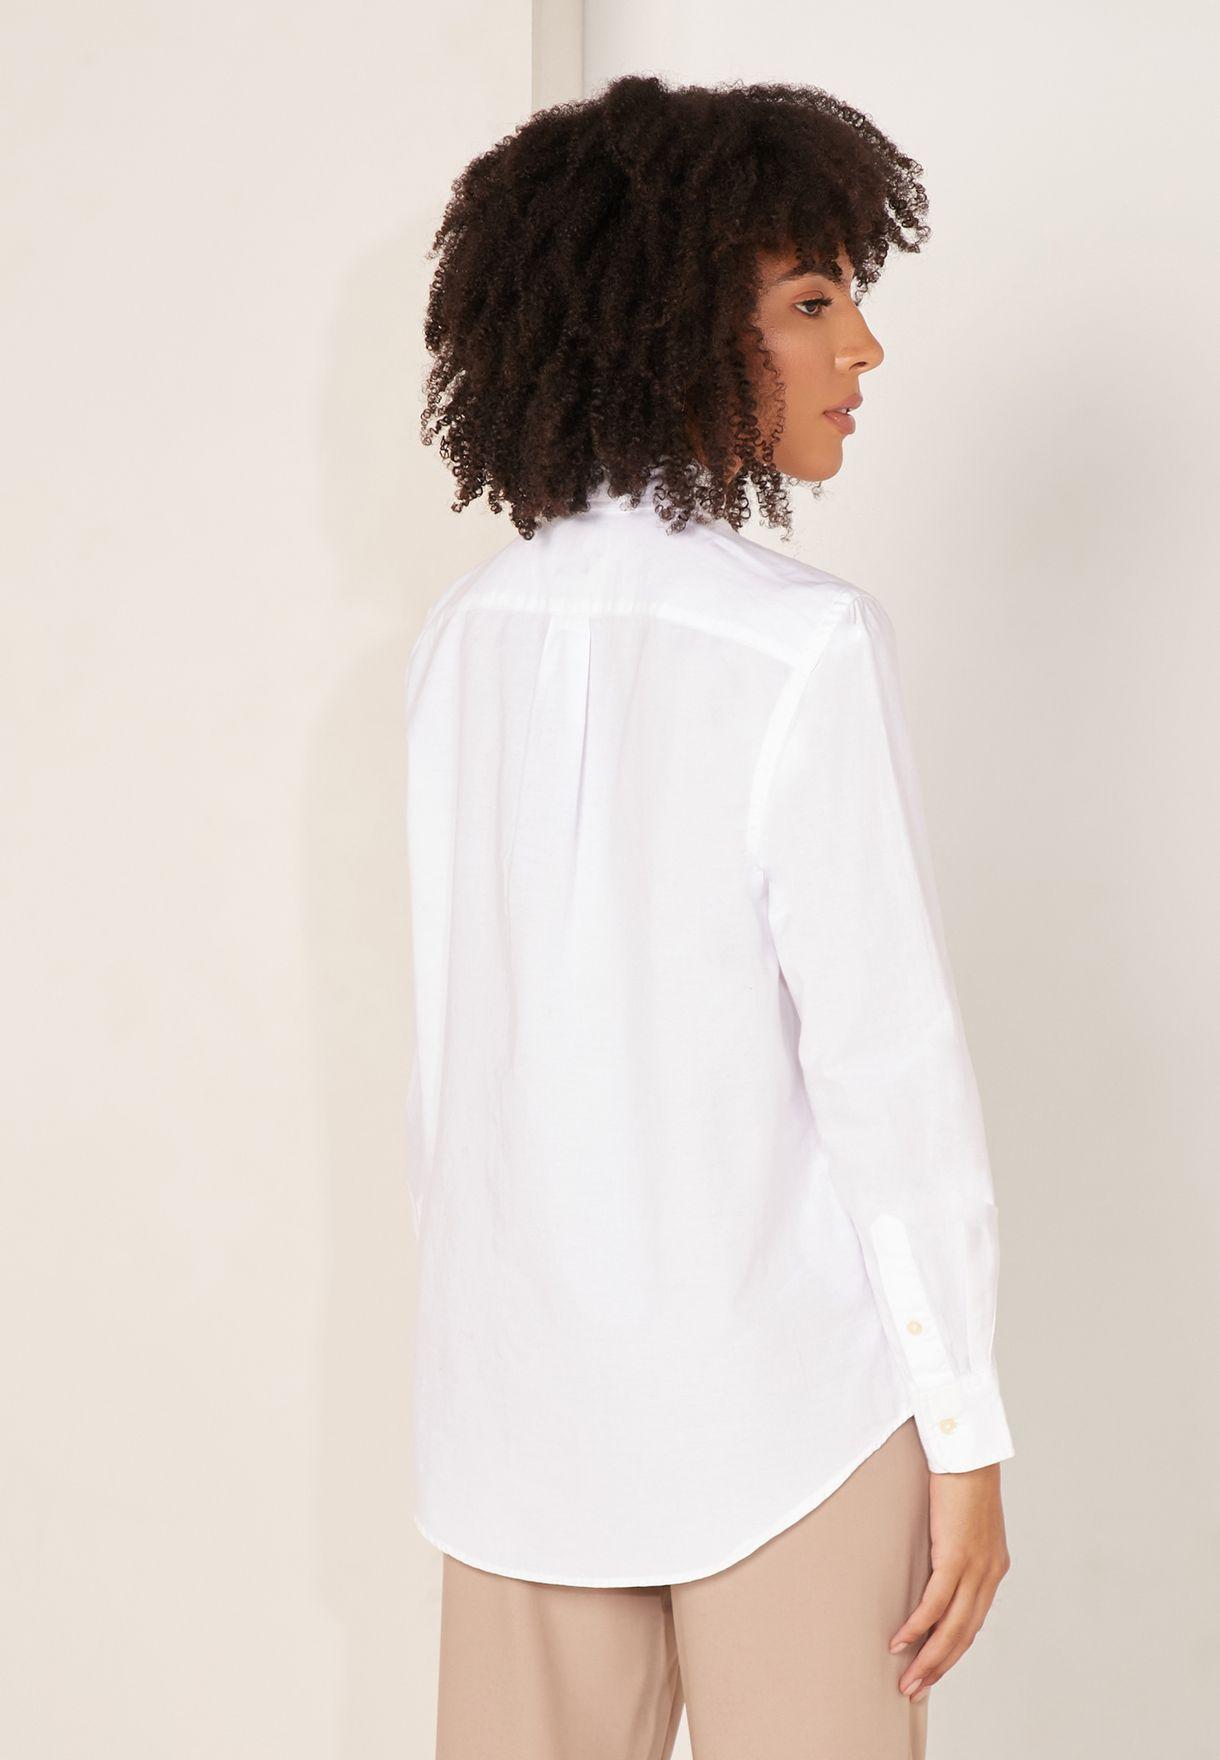 قميص من مجموعة بولو رالف لورين